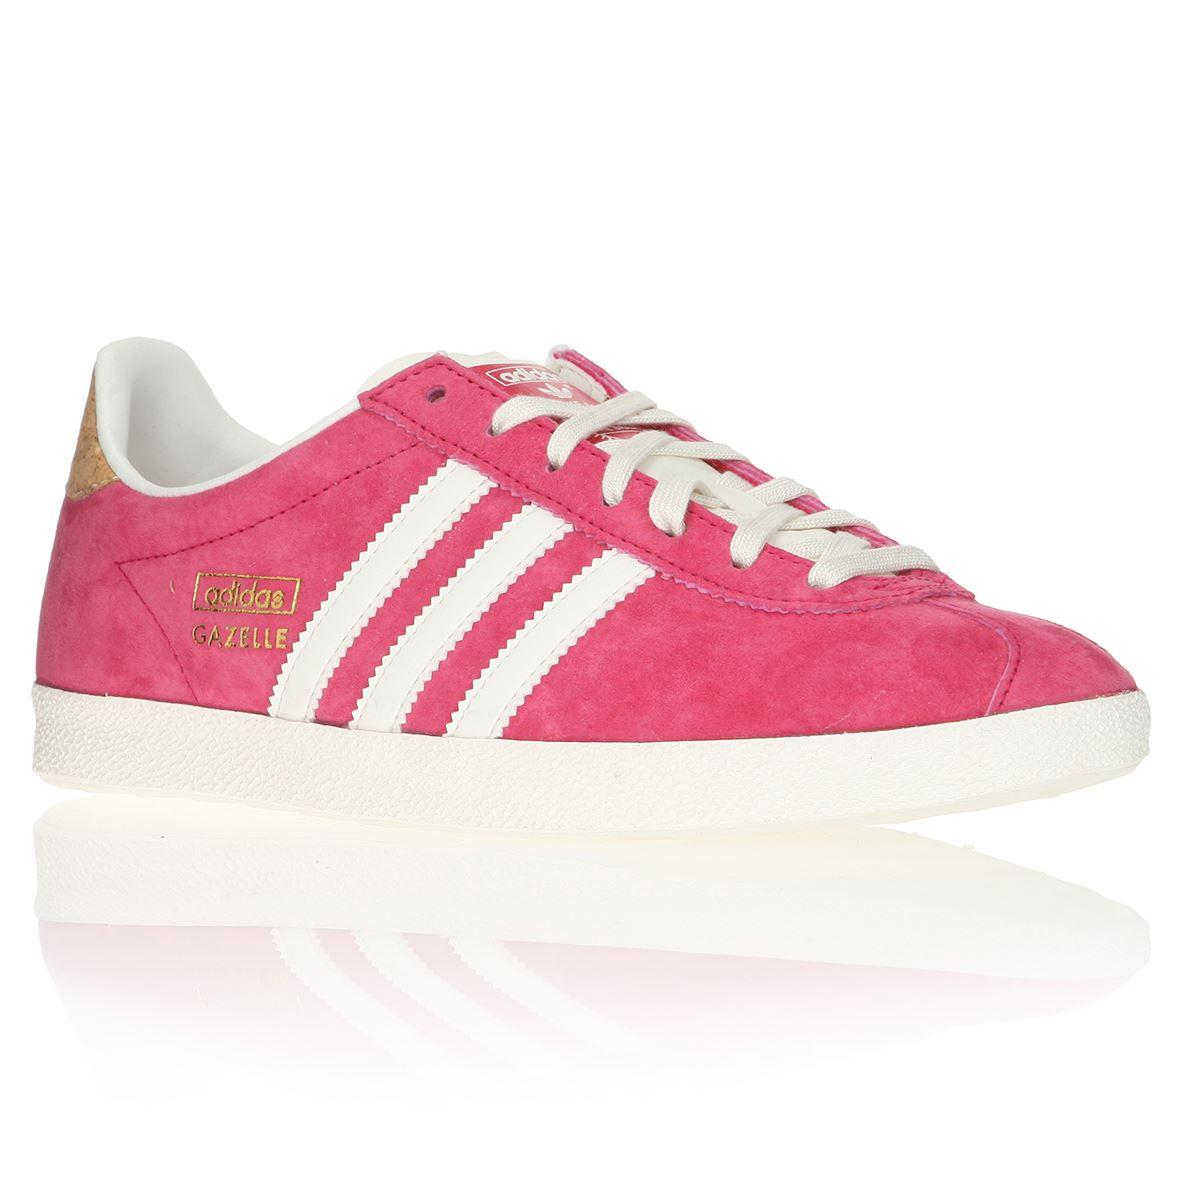 08724320a9b adidas gazelle noir et rose pas cher